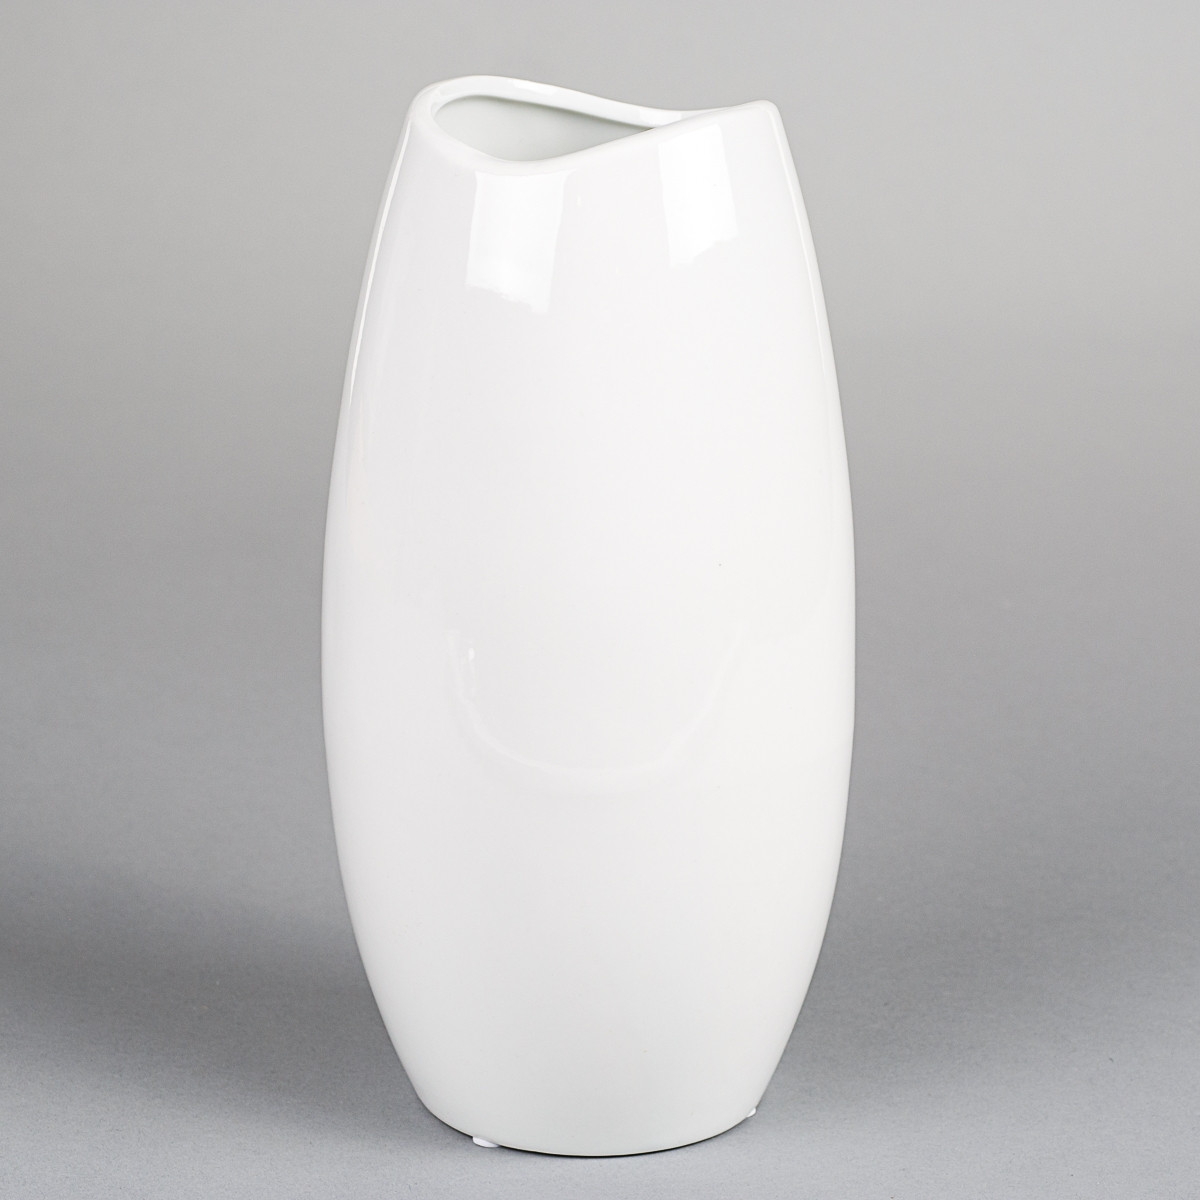 """Керамічна ваза """"Чистота серця"""" 24 см 8413-028"""